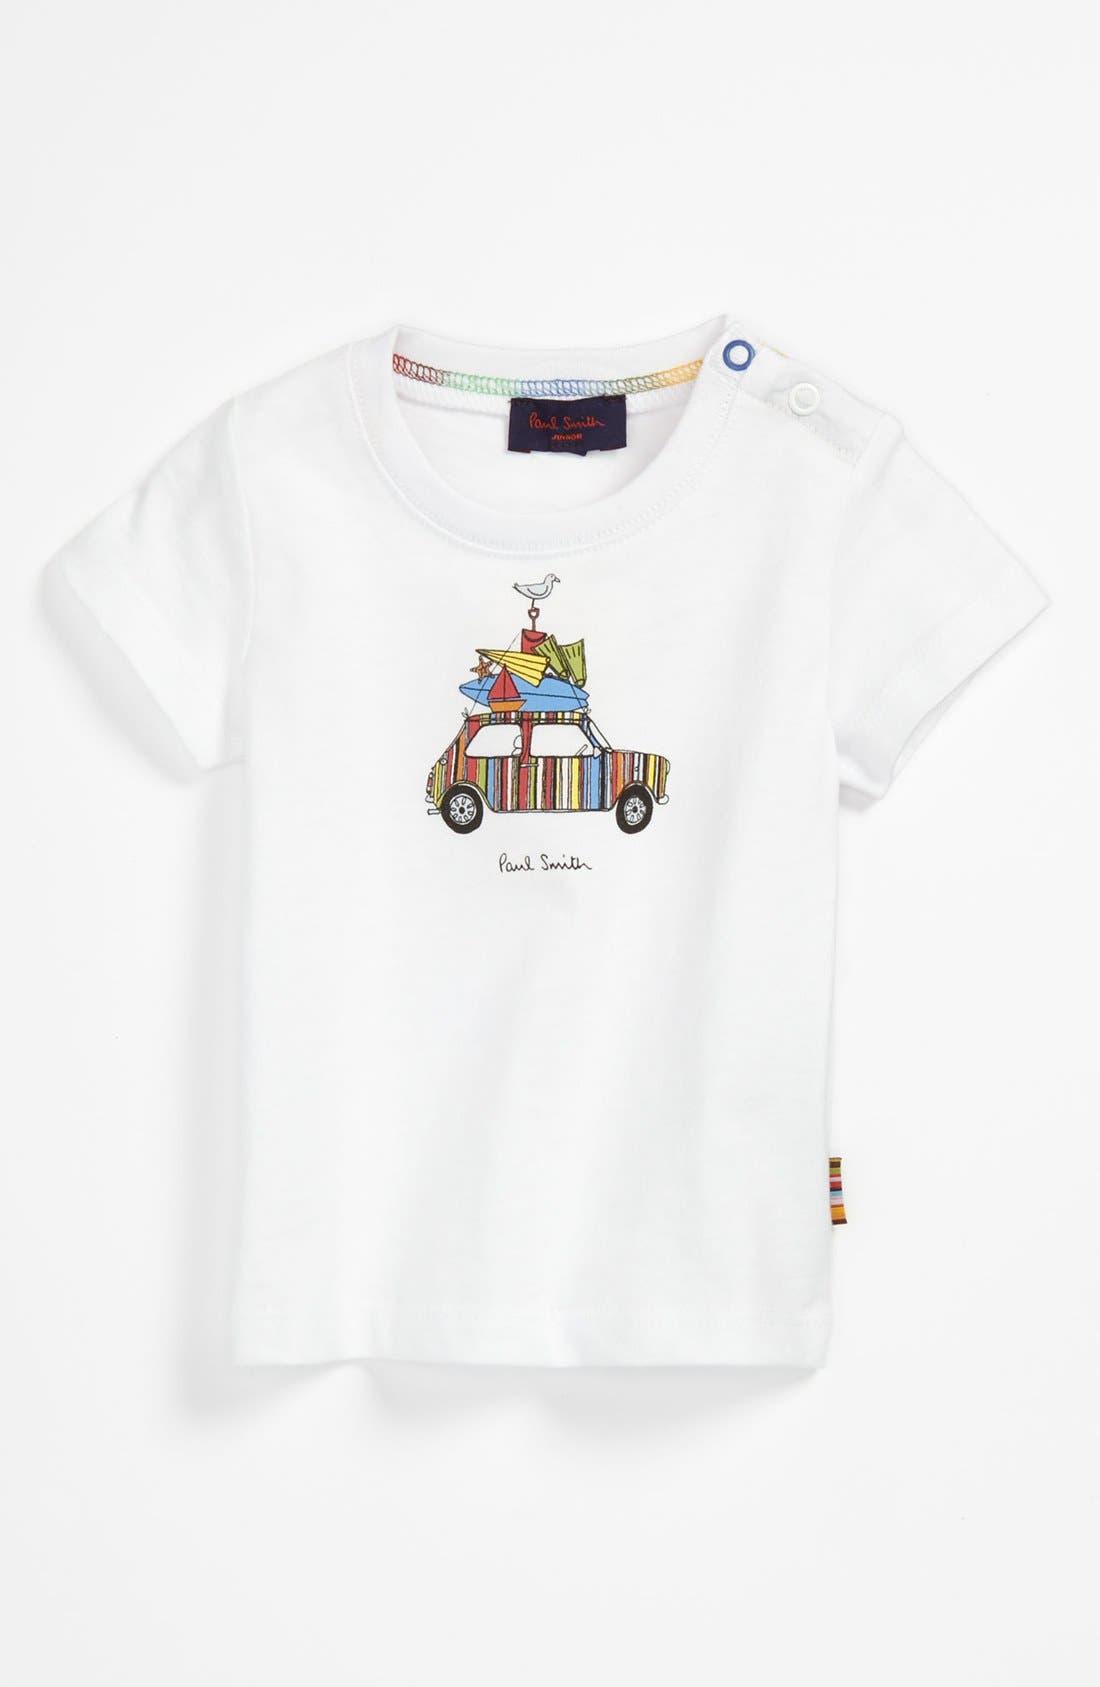 Main Image - Paul Smith Junior 'Car' T-Shirt (Toddler)